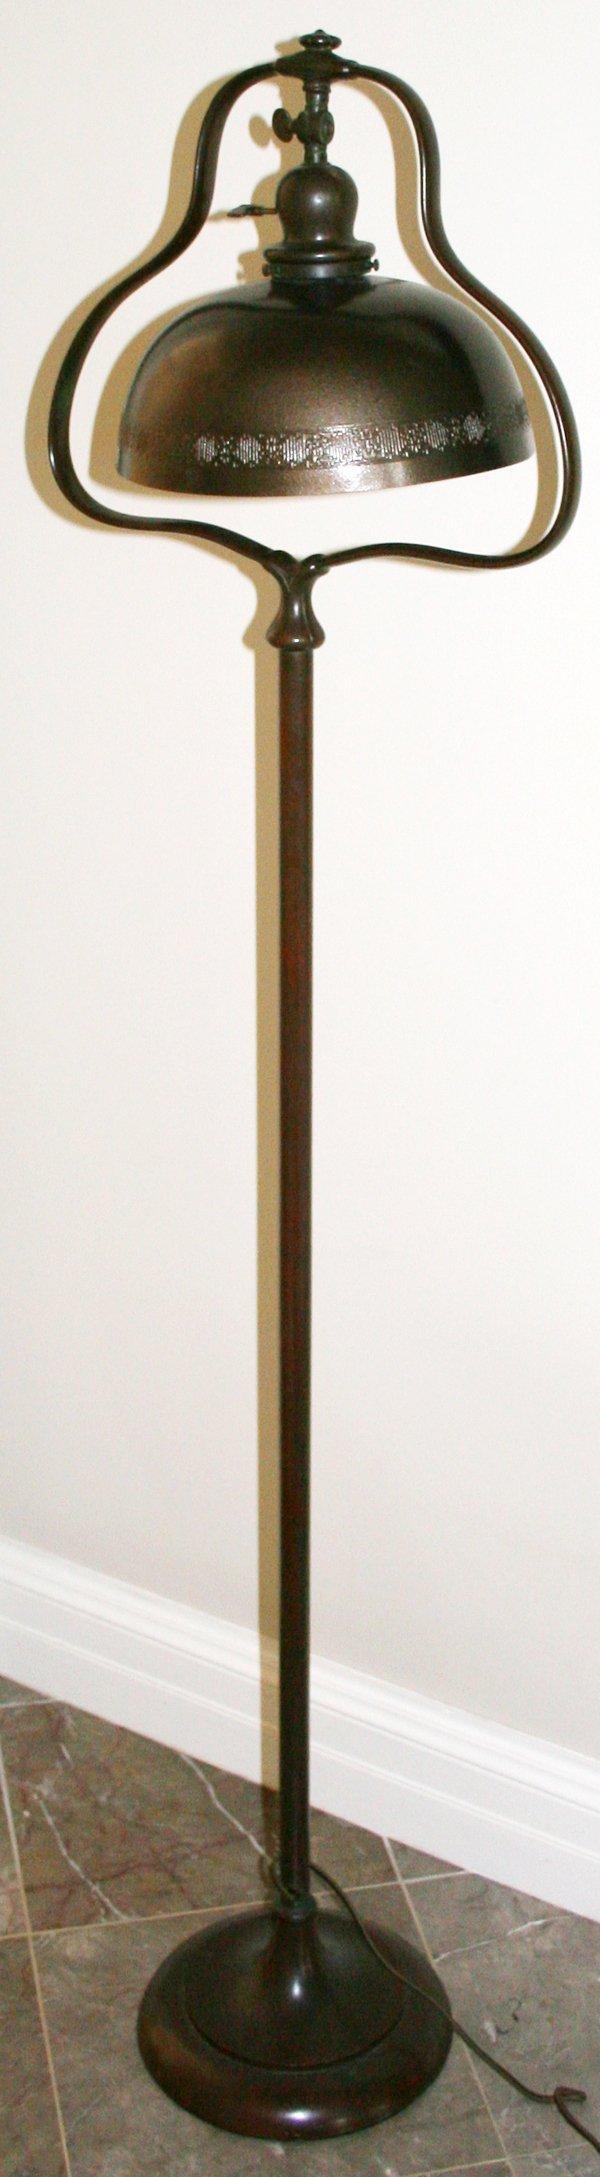 """120006: BRONZE FLOOR LAMP, C.1910, H56.5"""" DIA14"""""""